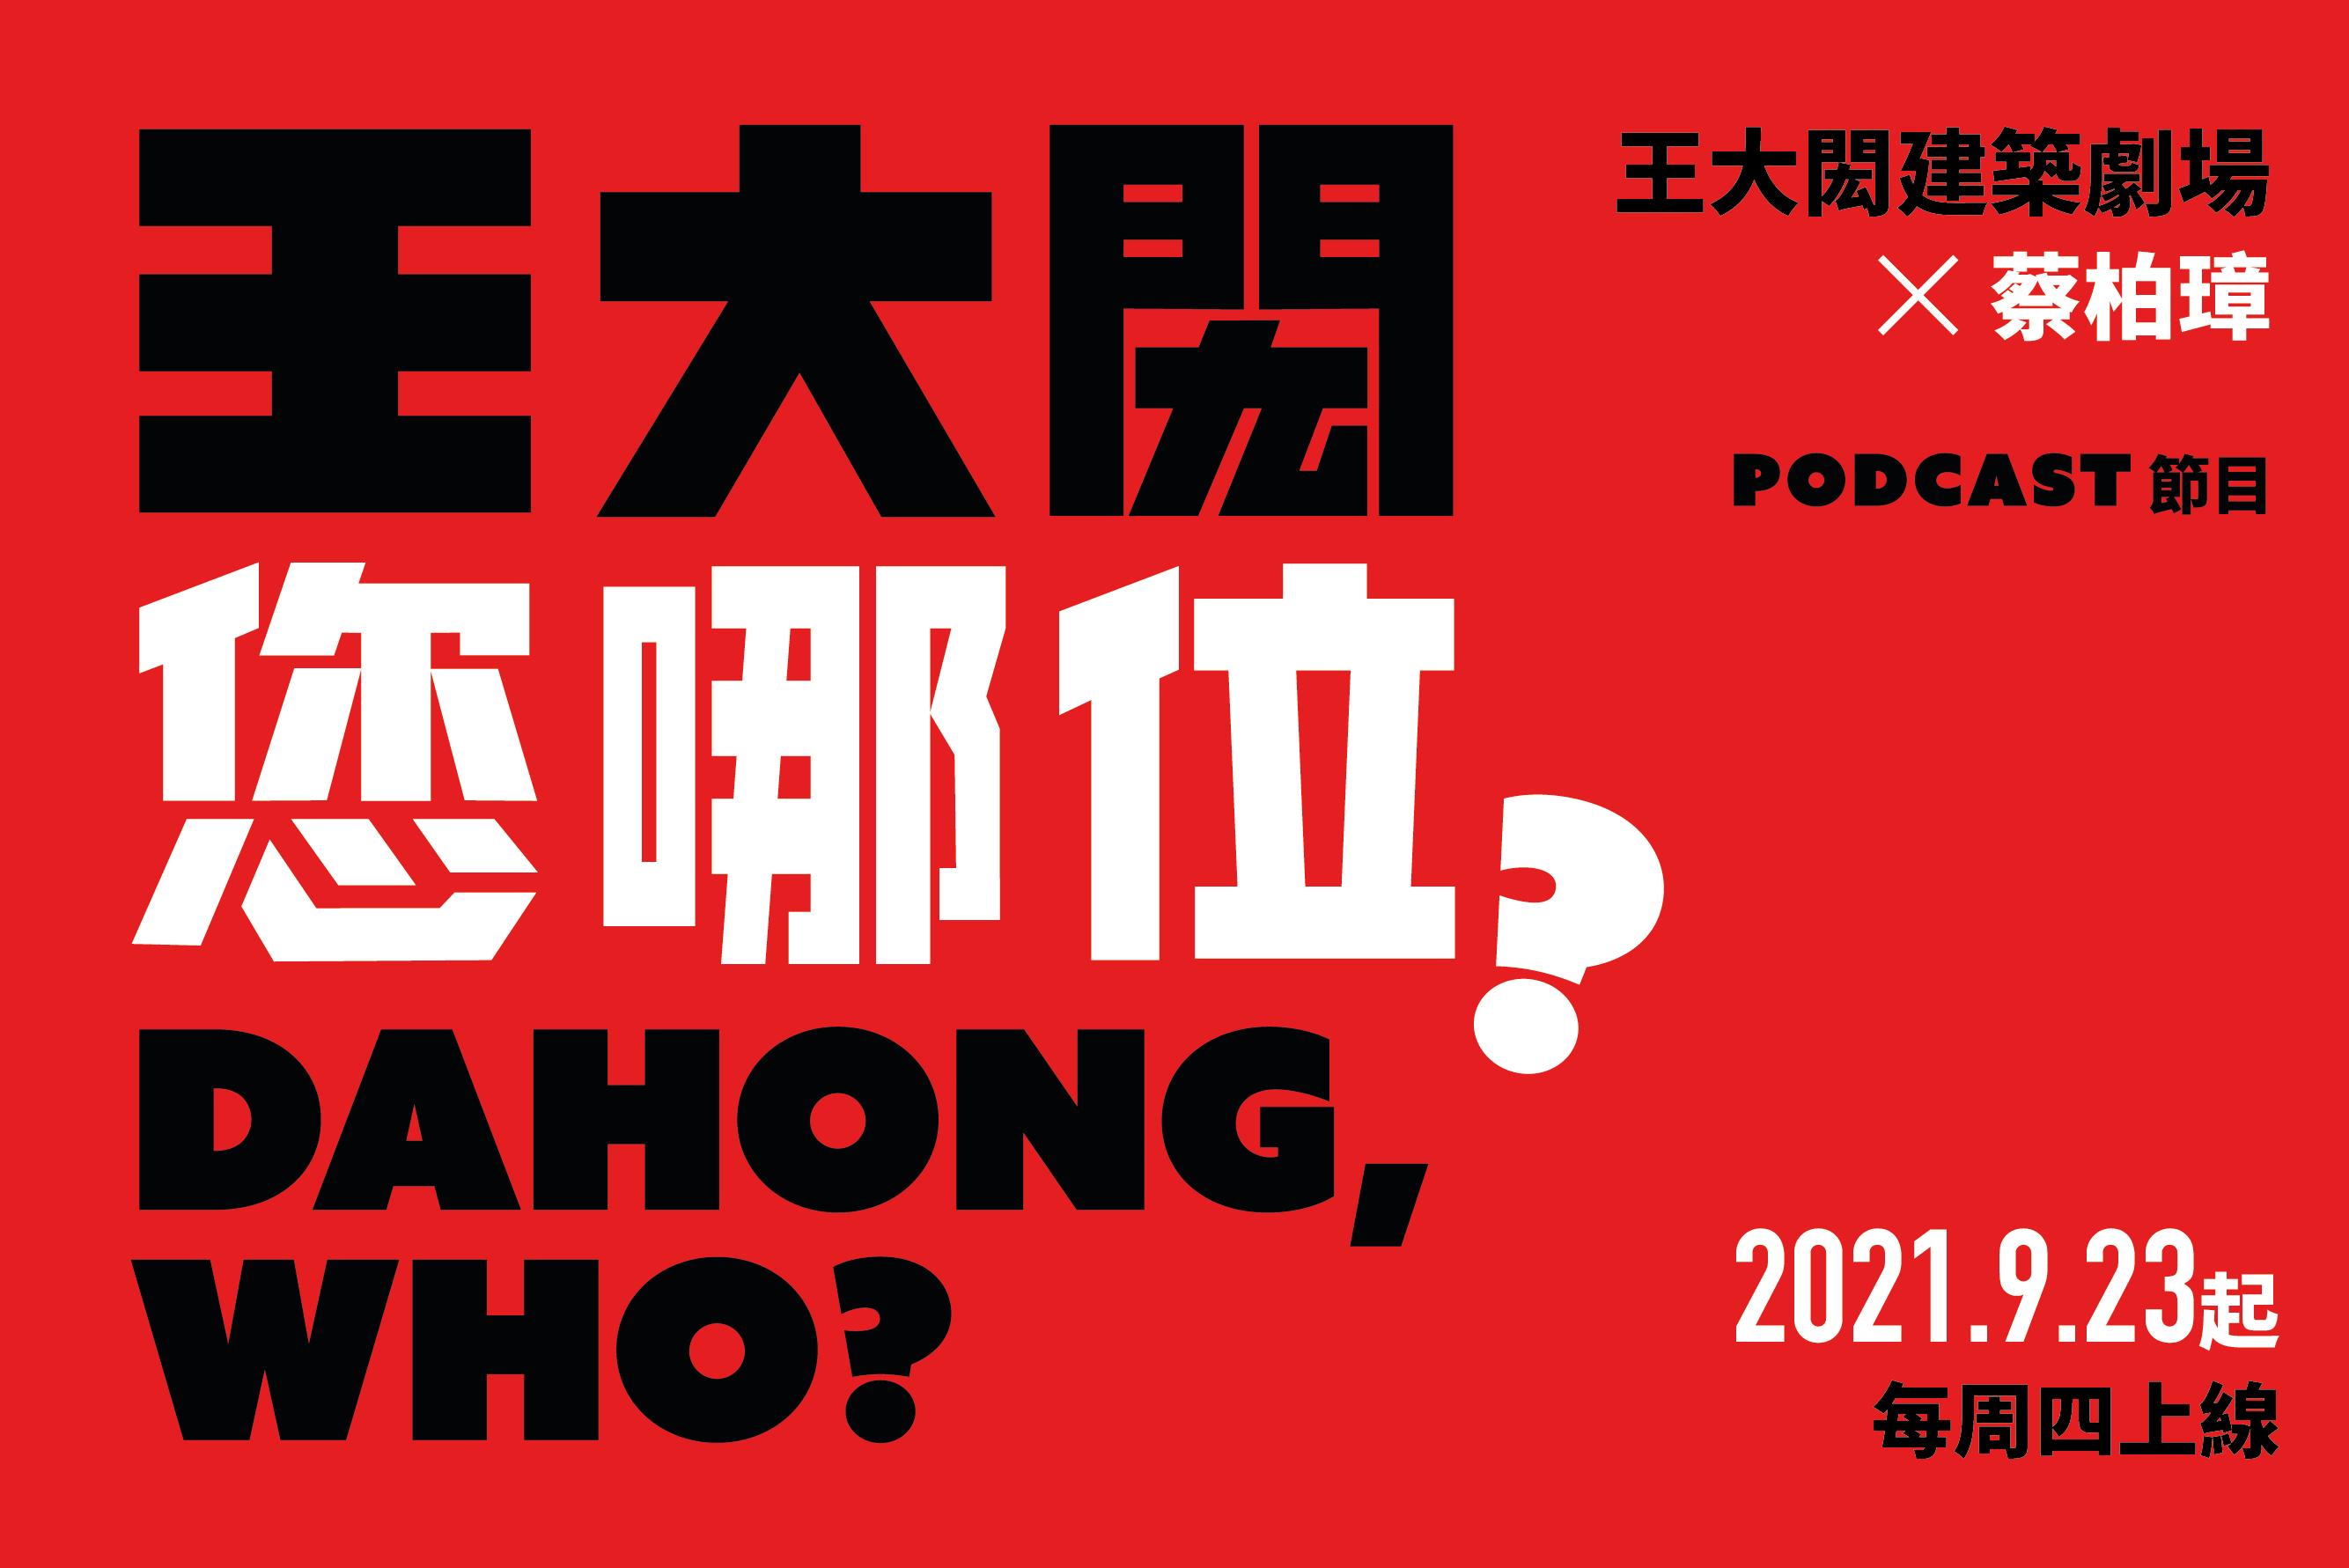 2021「王大閎建築劇場」PODCAST聲音節目 的圖說